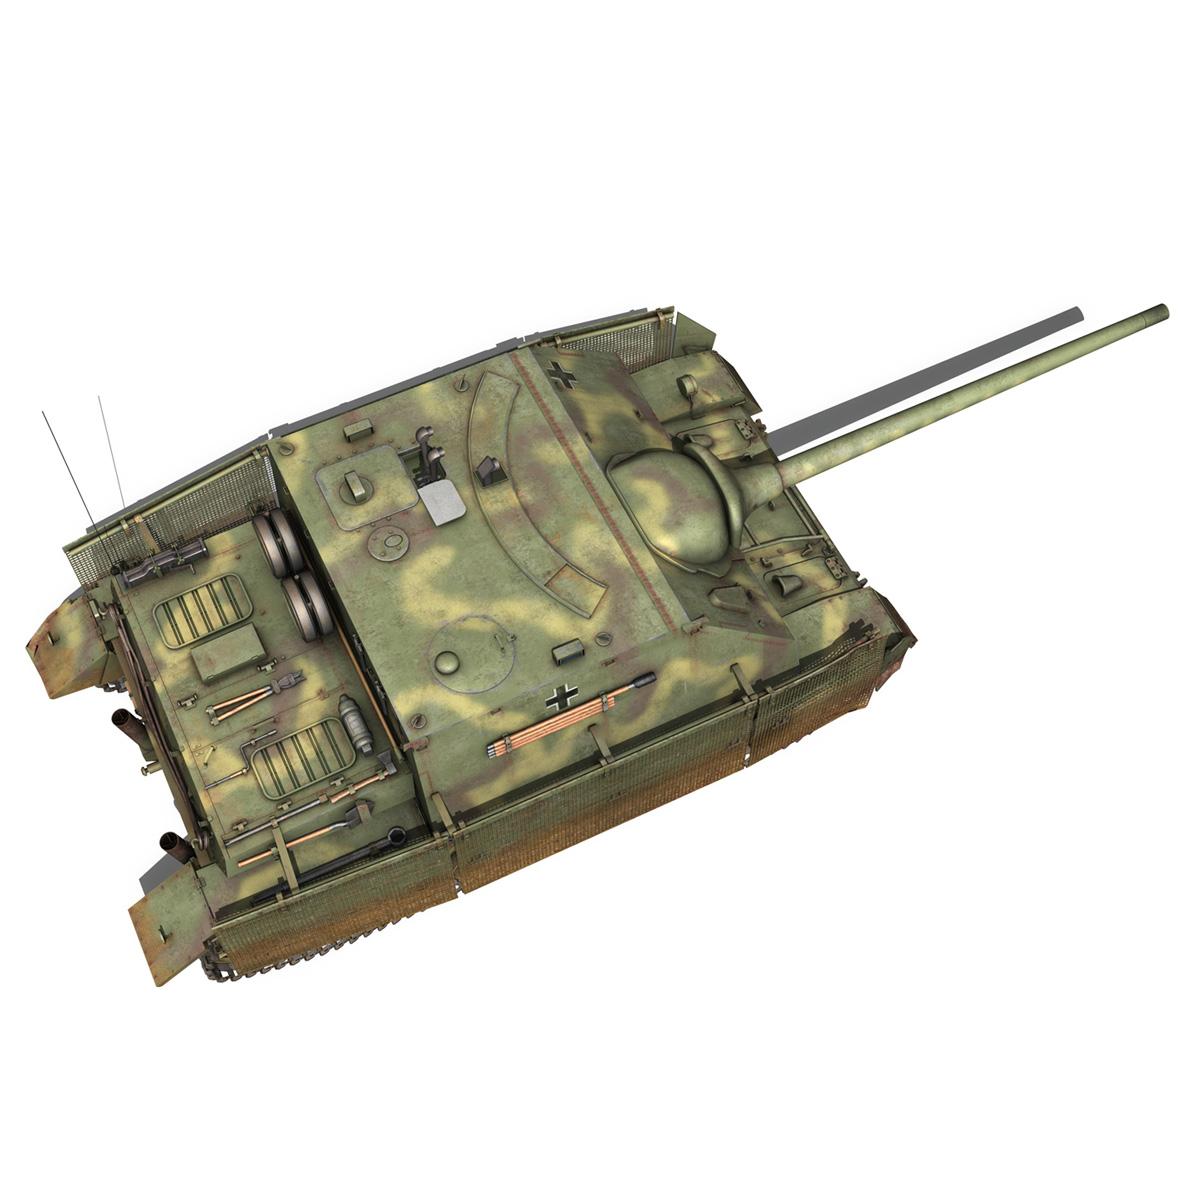 jagdpanzer iv l/70 (a) 3d model 3ds fbx c4d obj 200834